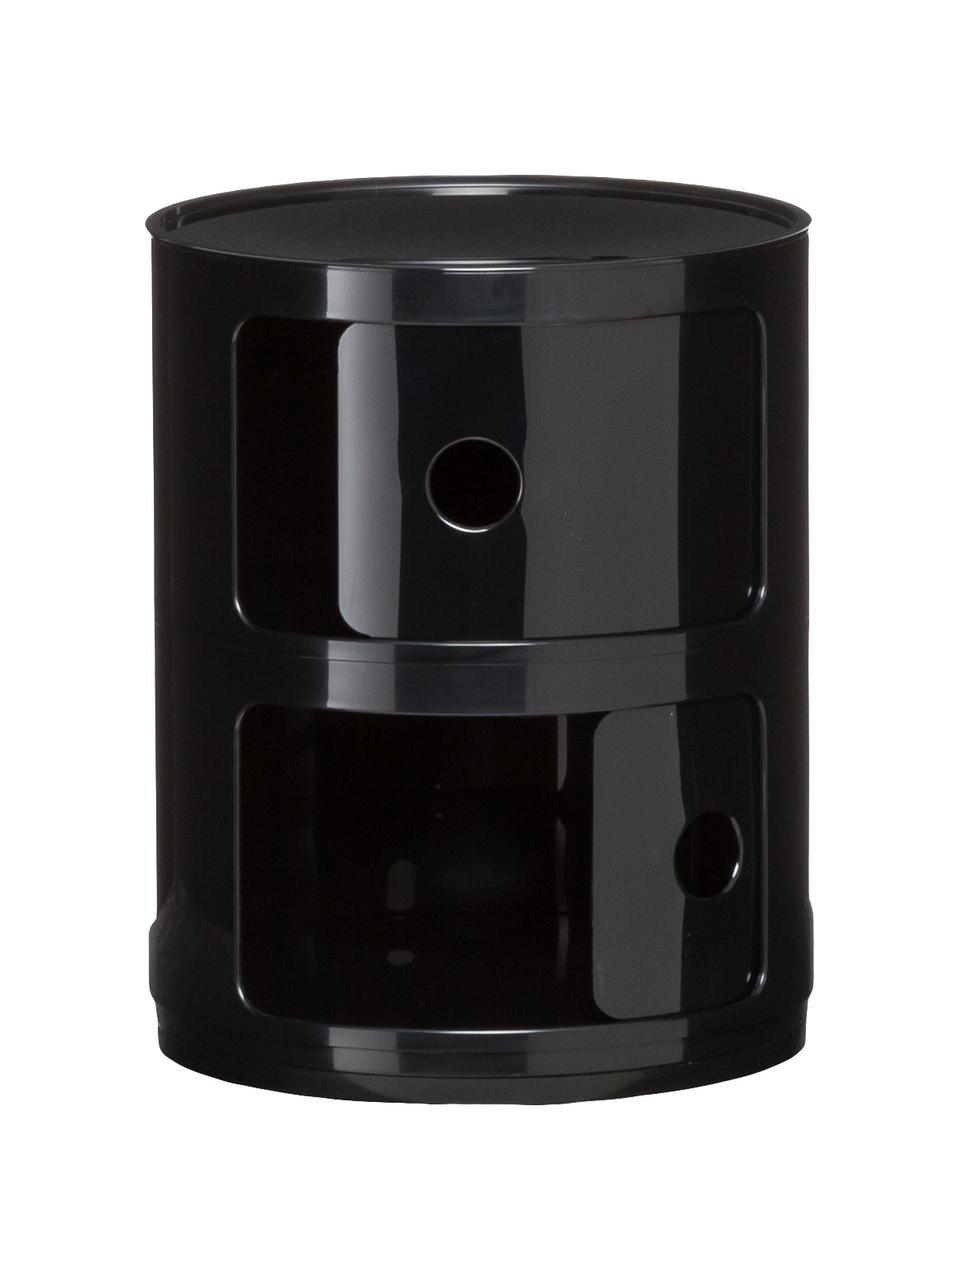 Comodino contenitore di design con 2 cassetti Componibili, Materiale sintetico (ABS), verniciato, Nero lucido, Ø 32 x Alt. 40 cm